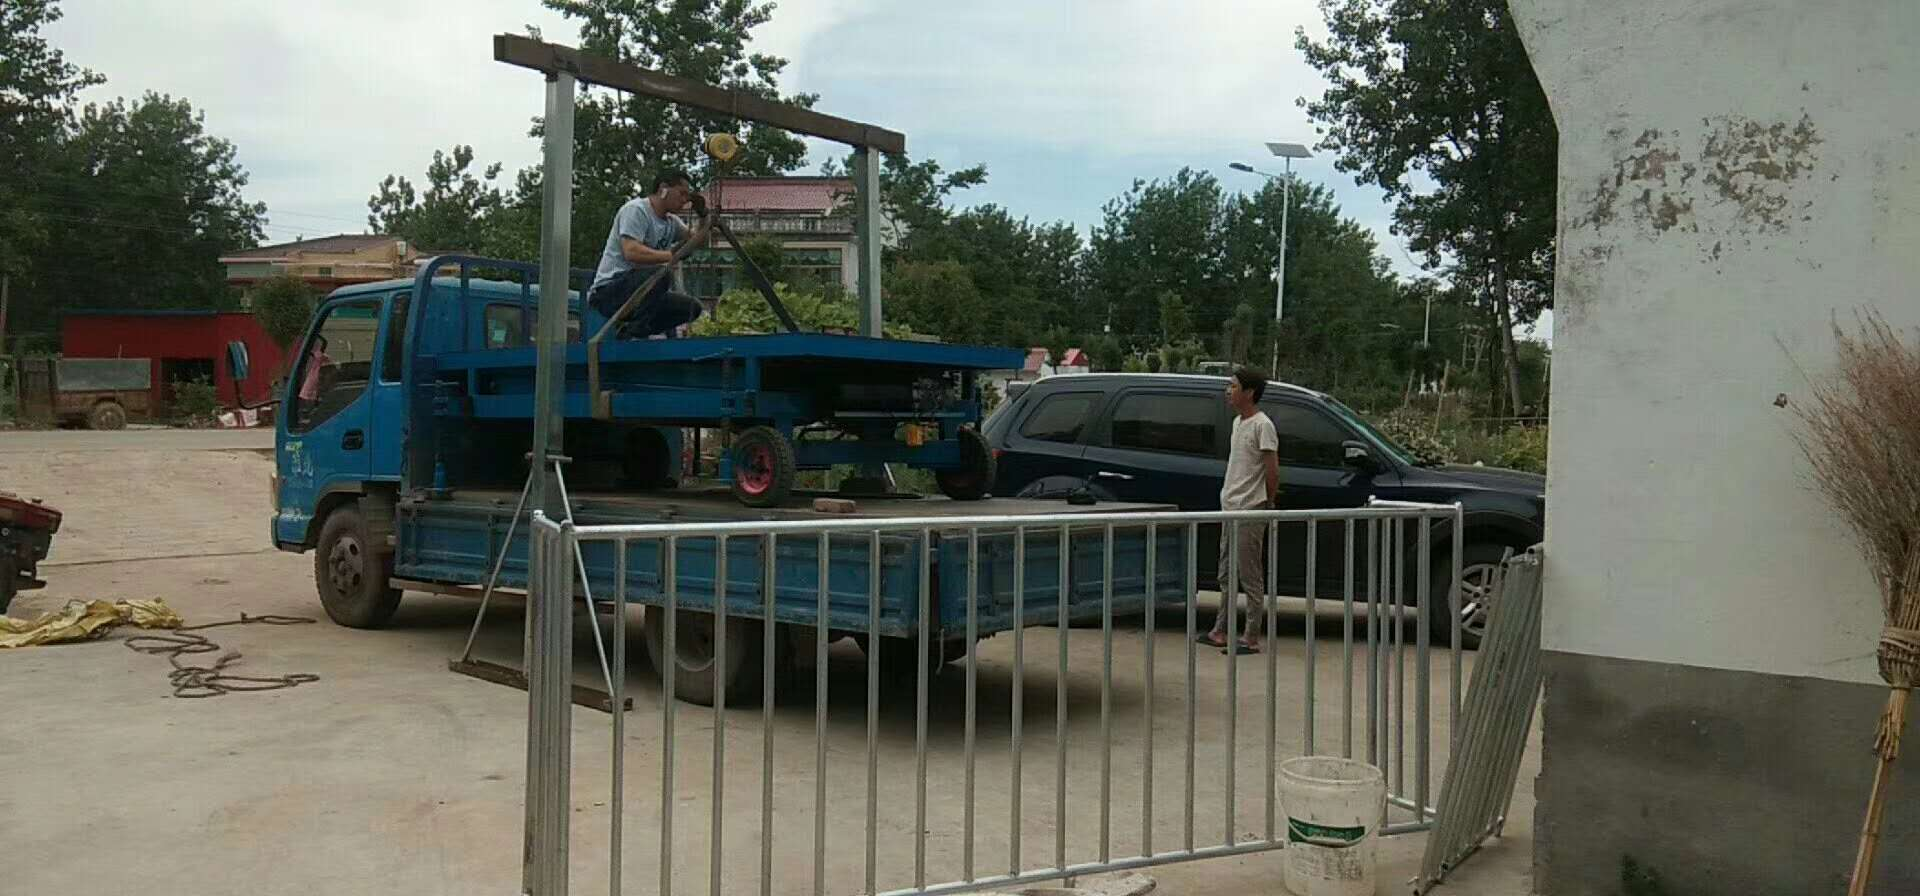 大量供应质量优的全自动升降移动装猪牵引车-抛售升降牵引移动转猪车